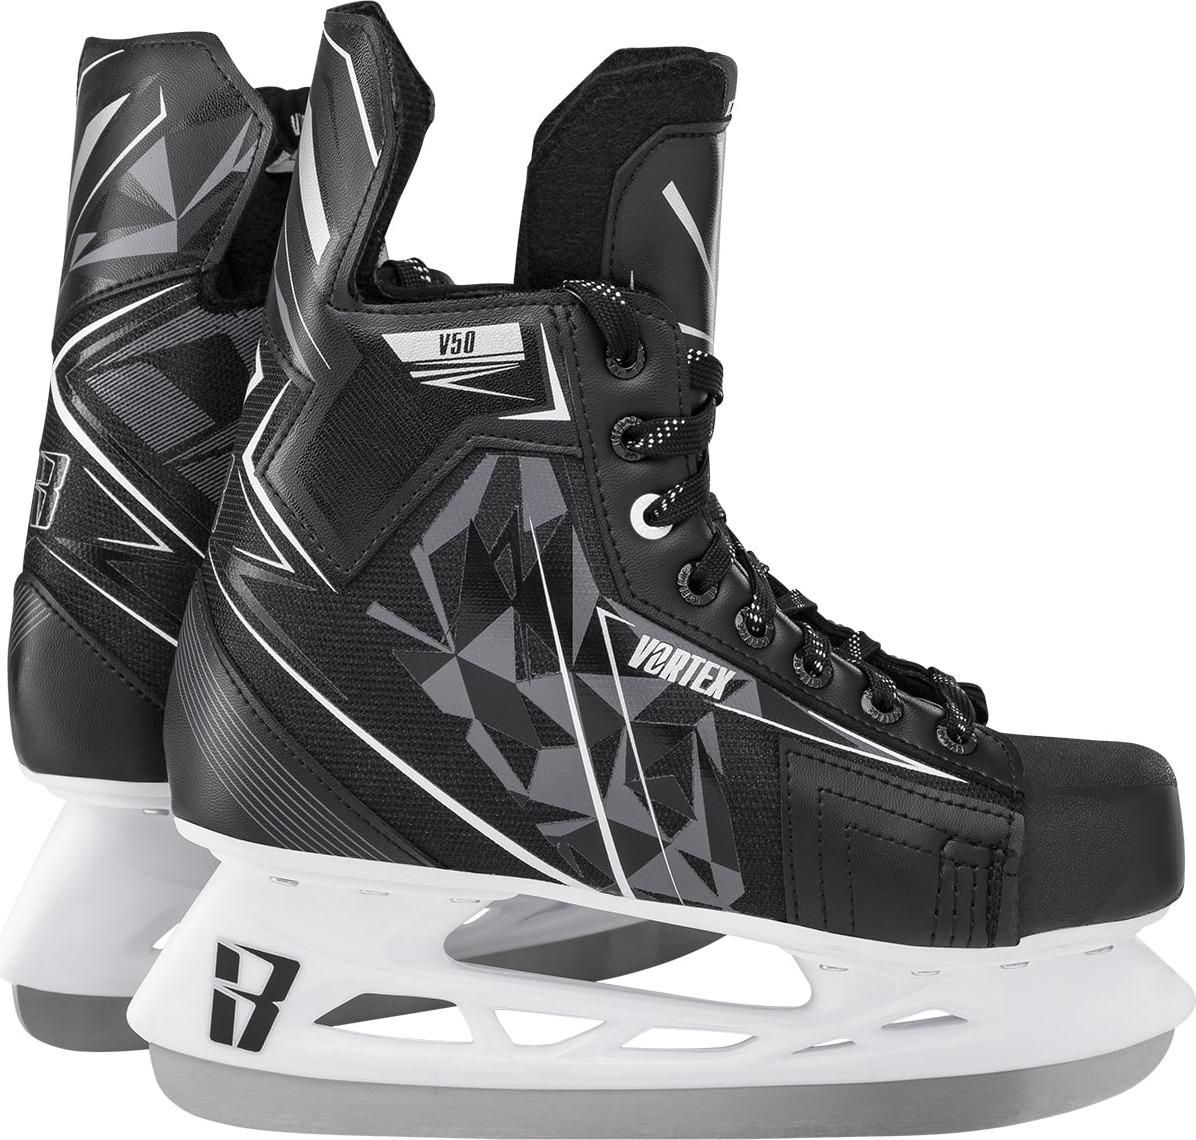 Коньки хоккейные мужские Ice Blade Vortex V50 1/6, цвет: черный, серый, белый. УТ-00013052. Размер 40УТ-00013052Модель коньков любительского уровня для активного отдыха на искусственном или натуральном льду. Увеличенная жесткость ботинка. Анатомически выверенная форма колодки обеспечивает оптимальную посадку конька. Комбинированный тканевый верх ботинка извойлока толщиной 5 мм защищает ступню от передавливания шнурками.Увеличенная жесткость ботинкаКомбинированный тканевый верх ботинка из нейлонаМягкие вкладыши из EVA-пеныНосок из высокопрочного пластика (PVC)Язык из войлока толщиной 5 ммШирокий размерный рядОсновные характеристики:Назначение:хоккейные конькиТип фиксации:шнуркиРазмеры:33, 34, 35, 36, 37, 38, 39, 40, 41, 42, 43, 44, 45, 46, 47Цвет:черный/серый/белыйДополнительные характеристики:Материал ботинка: высокопрочная нейлоновая ткань, ударостойкий пластик (PVC)Внутренняя отделка: текстиль,EVA-пенаЛезвие:выполнено из высокоуглеродистой стали с покрытием из никеляУпаковка:Таблица размеровРазмер3637404144462222,523,5242525,526,52828,529,530,5